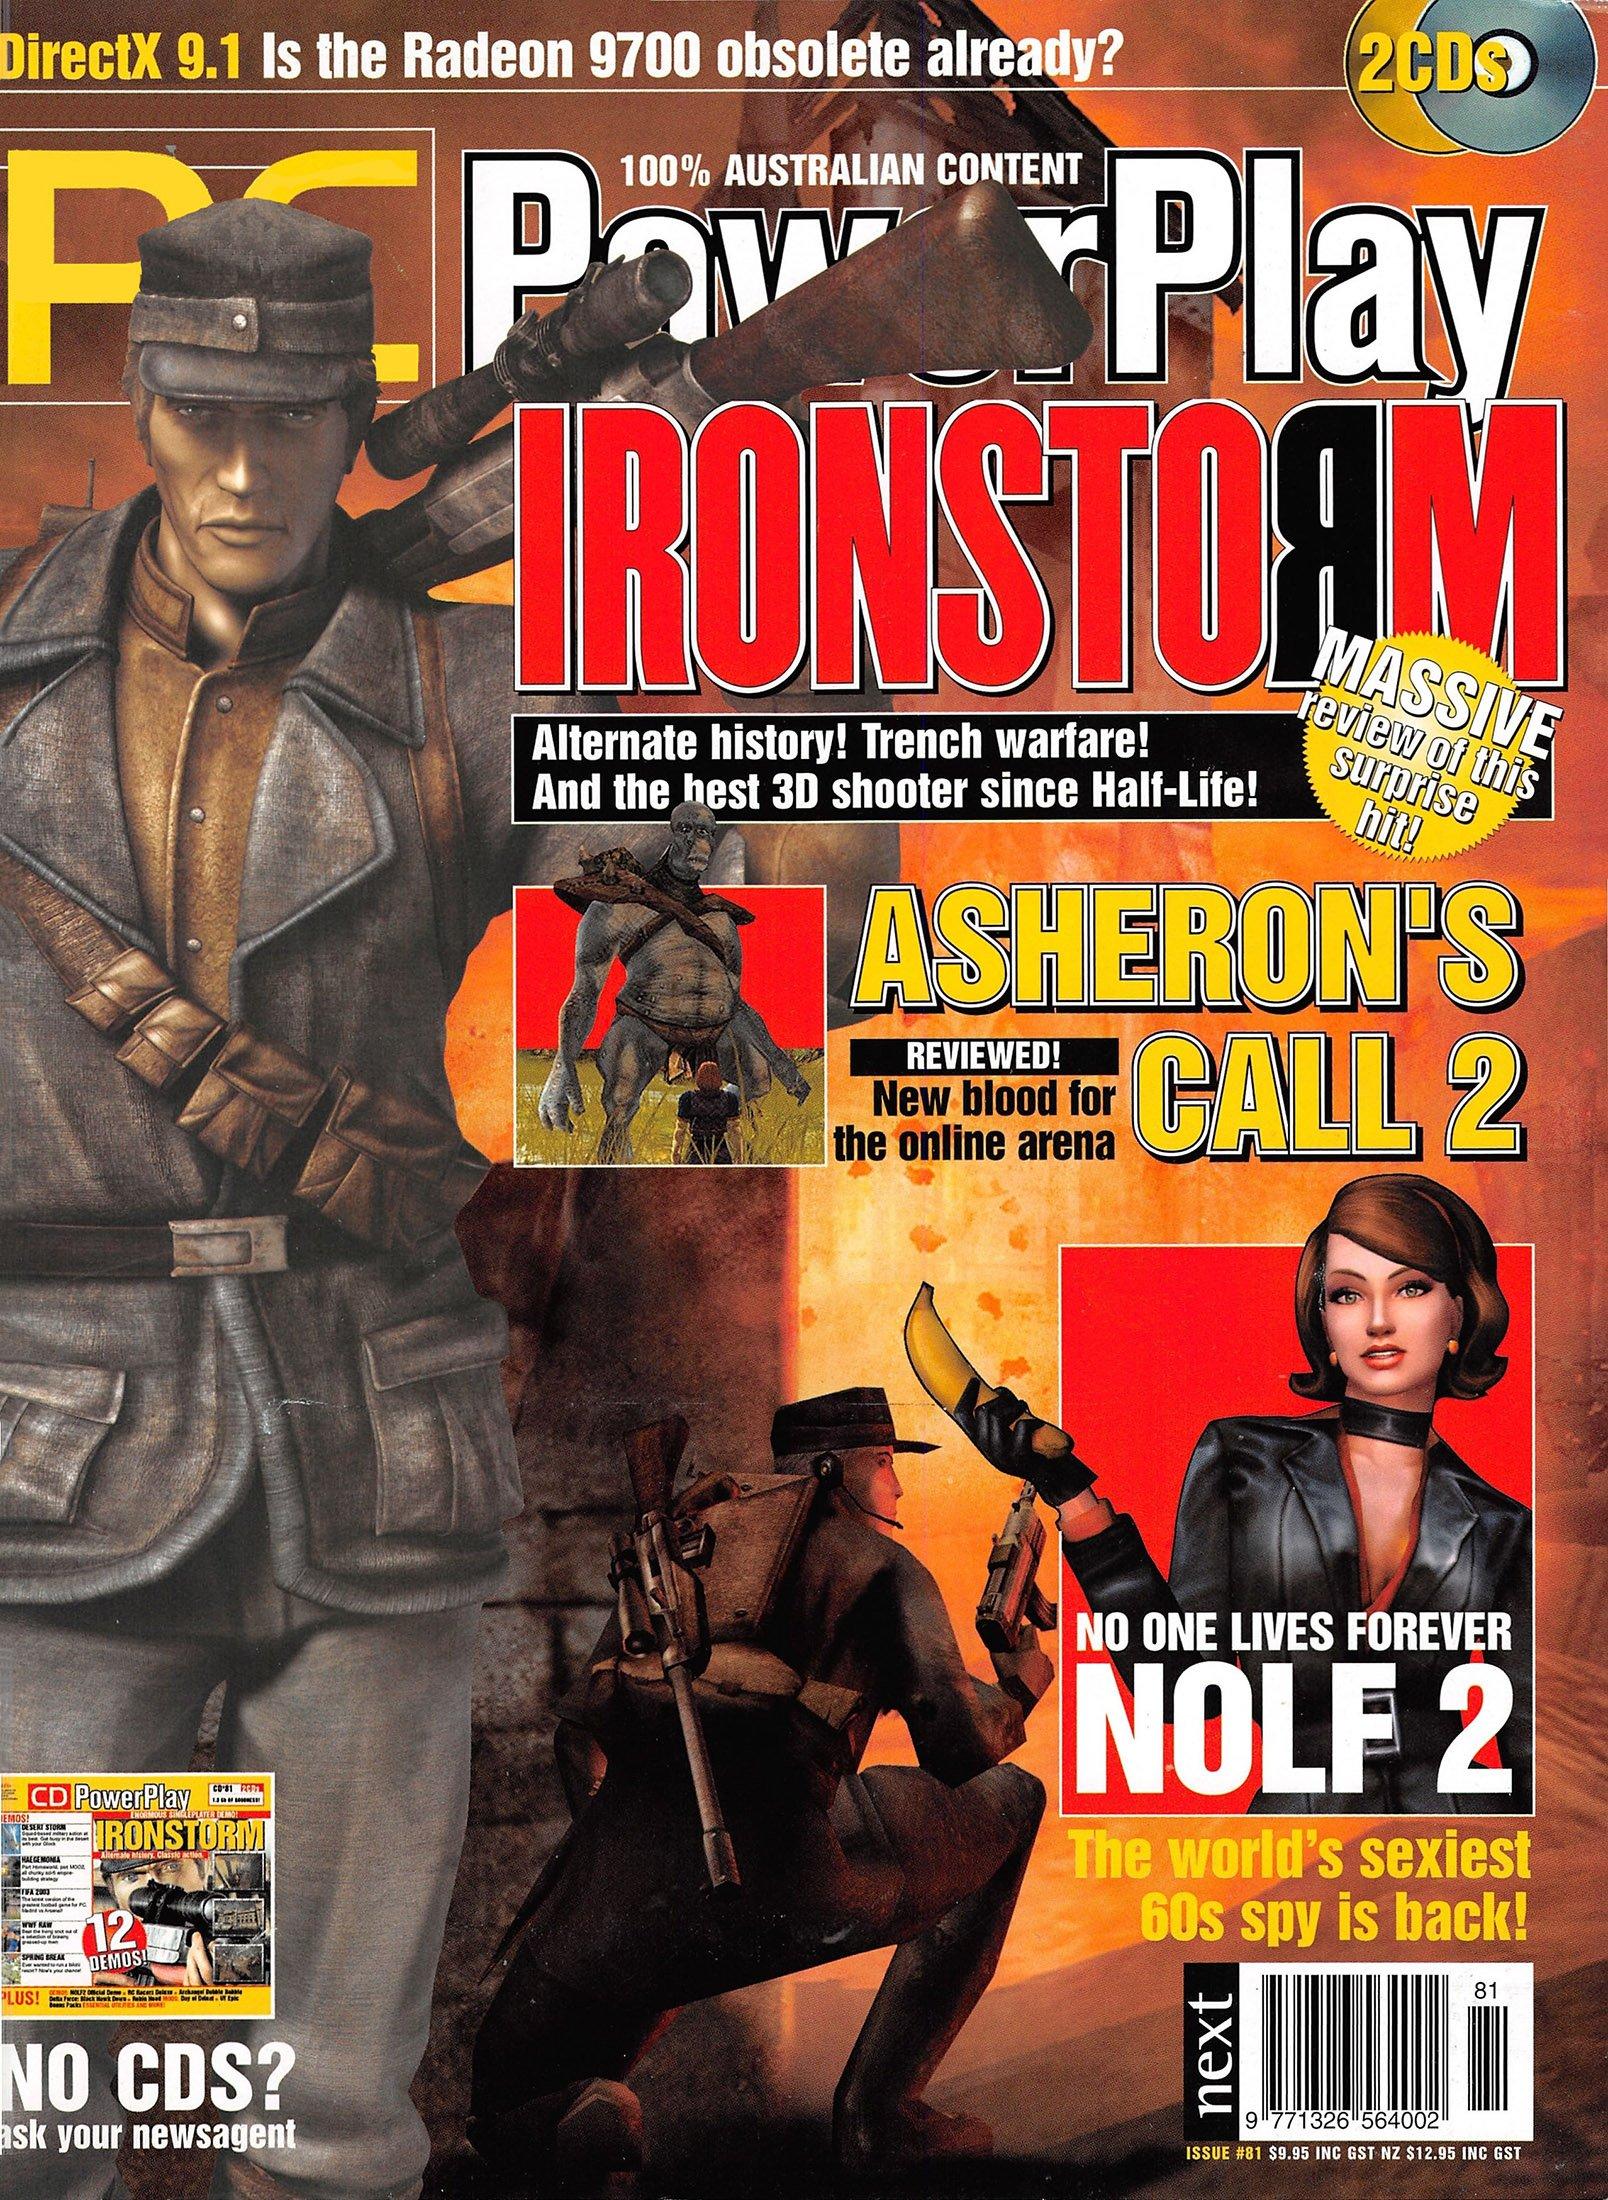 PC PowerPlay 081 (Christmas 2002)